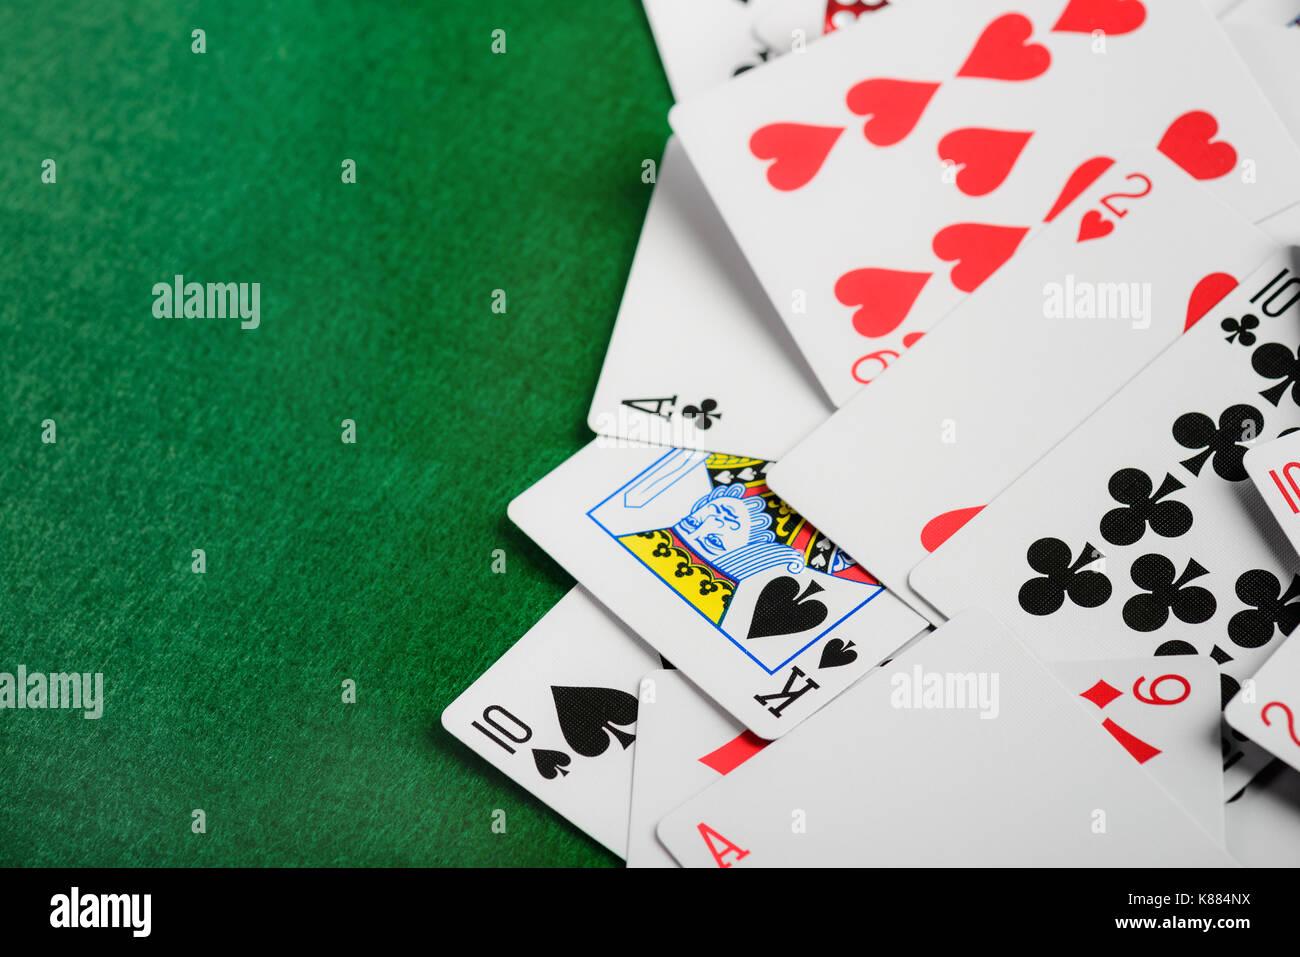 Cartes à Jouer casino sur feutre vert en arrière-plan Photo Stock